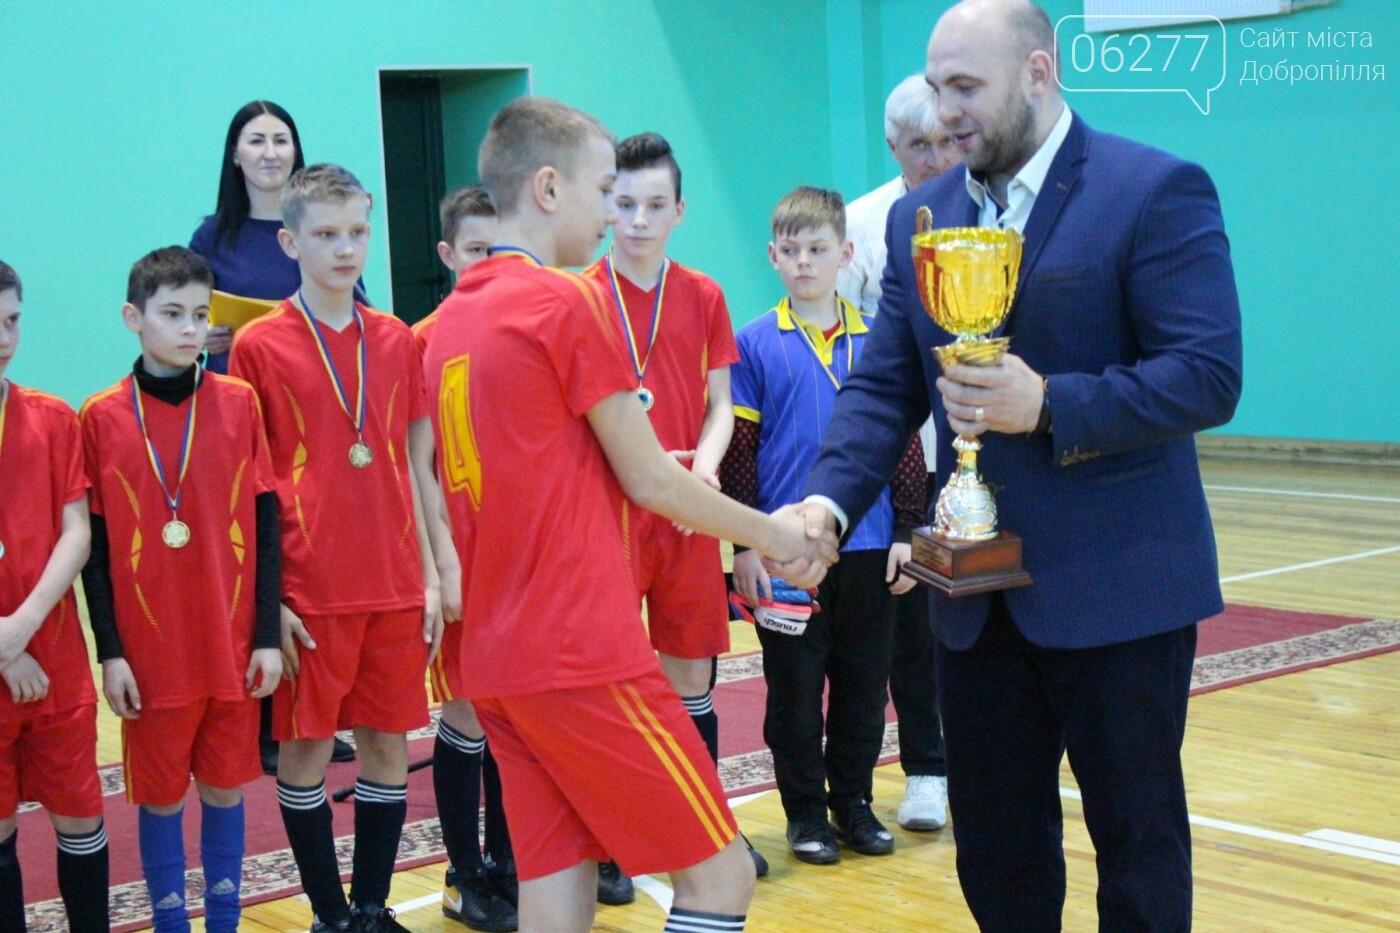 Білицька команда «Шахтар - Спорт для всіх» здобула перемогу в обласних змаганнях з футзалу, фото-2